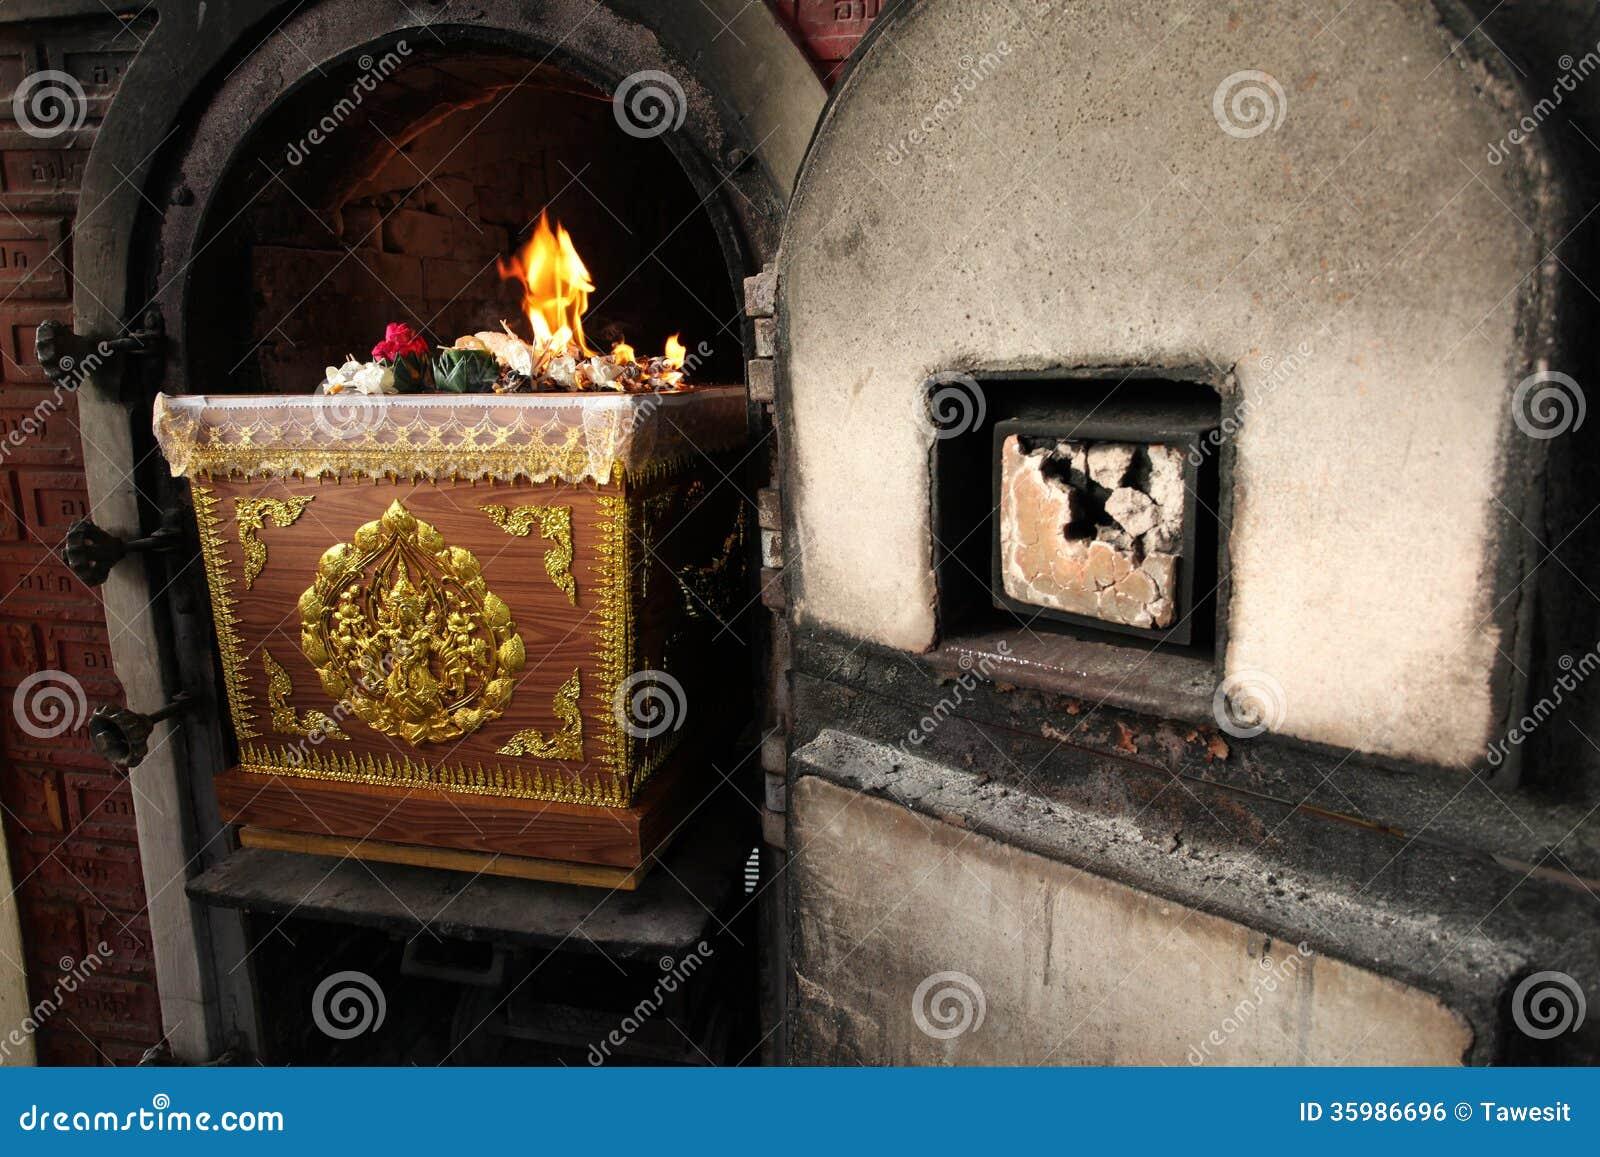 Doodskist in crematoire Thaise begrafenis